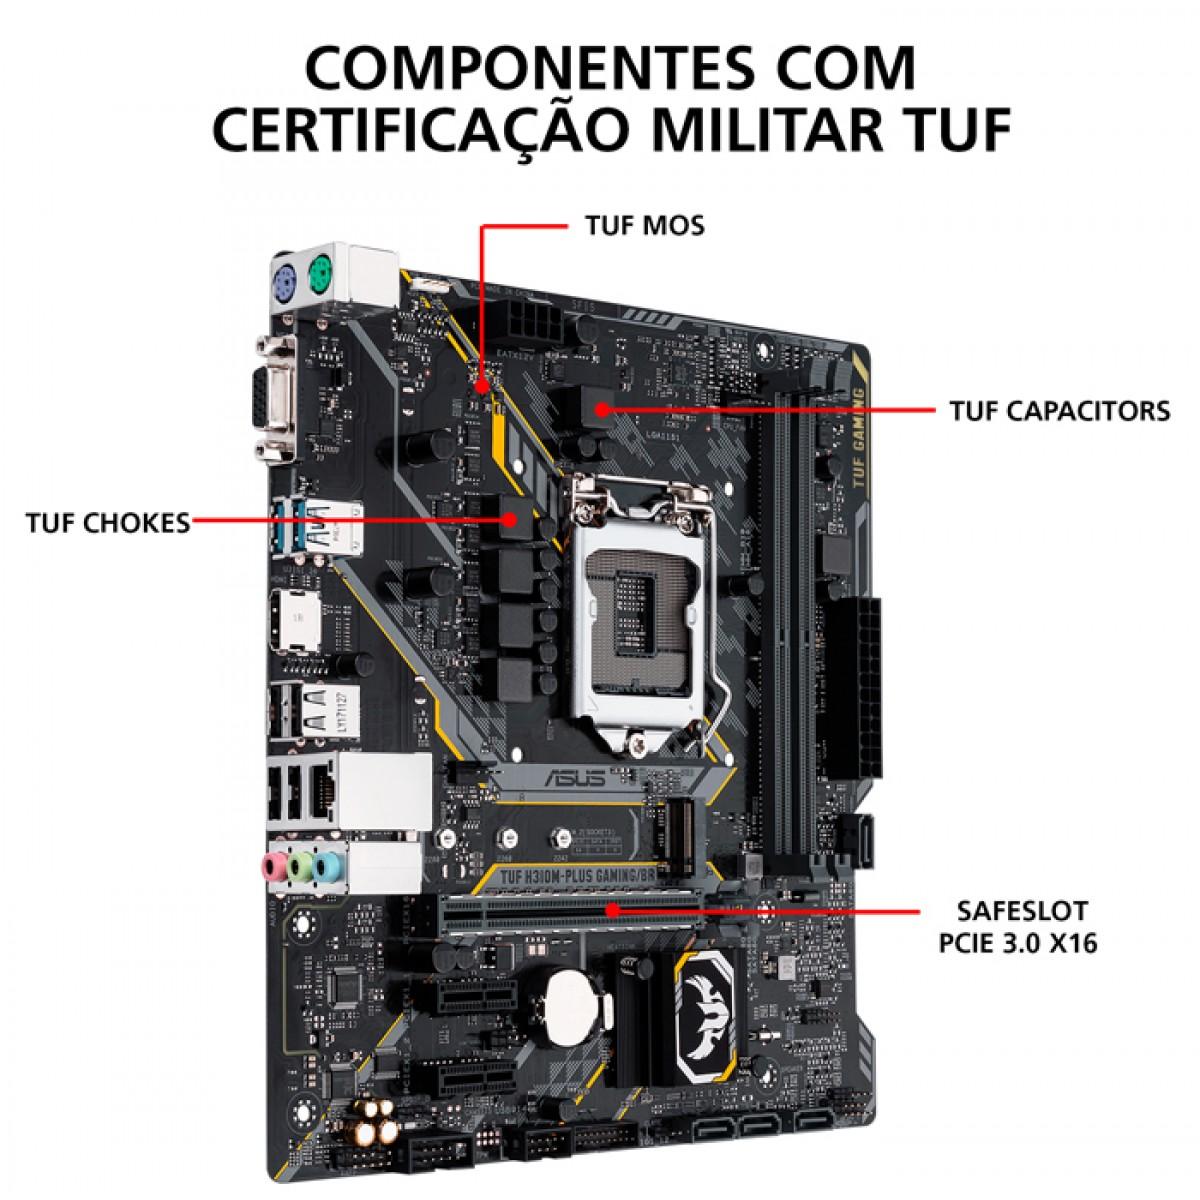 Placa Mãe Asus TUF H310M-Plus Gaming, Chipset H310, Intel LGA 1151, mATX, DDR4